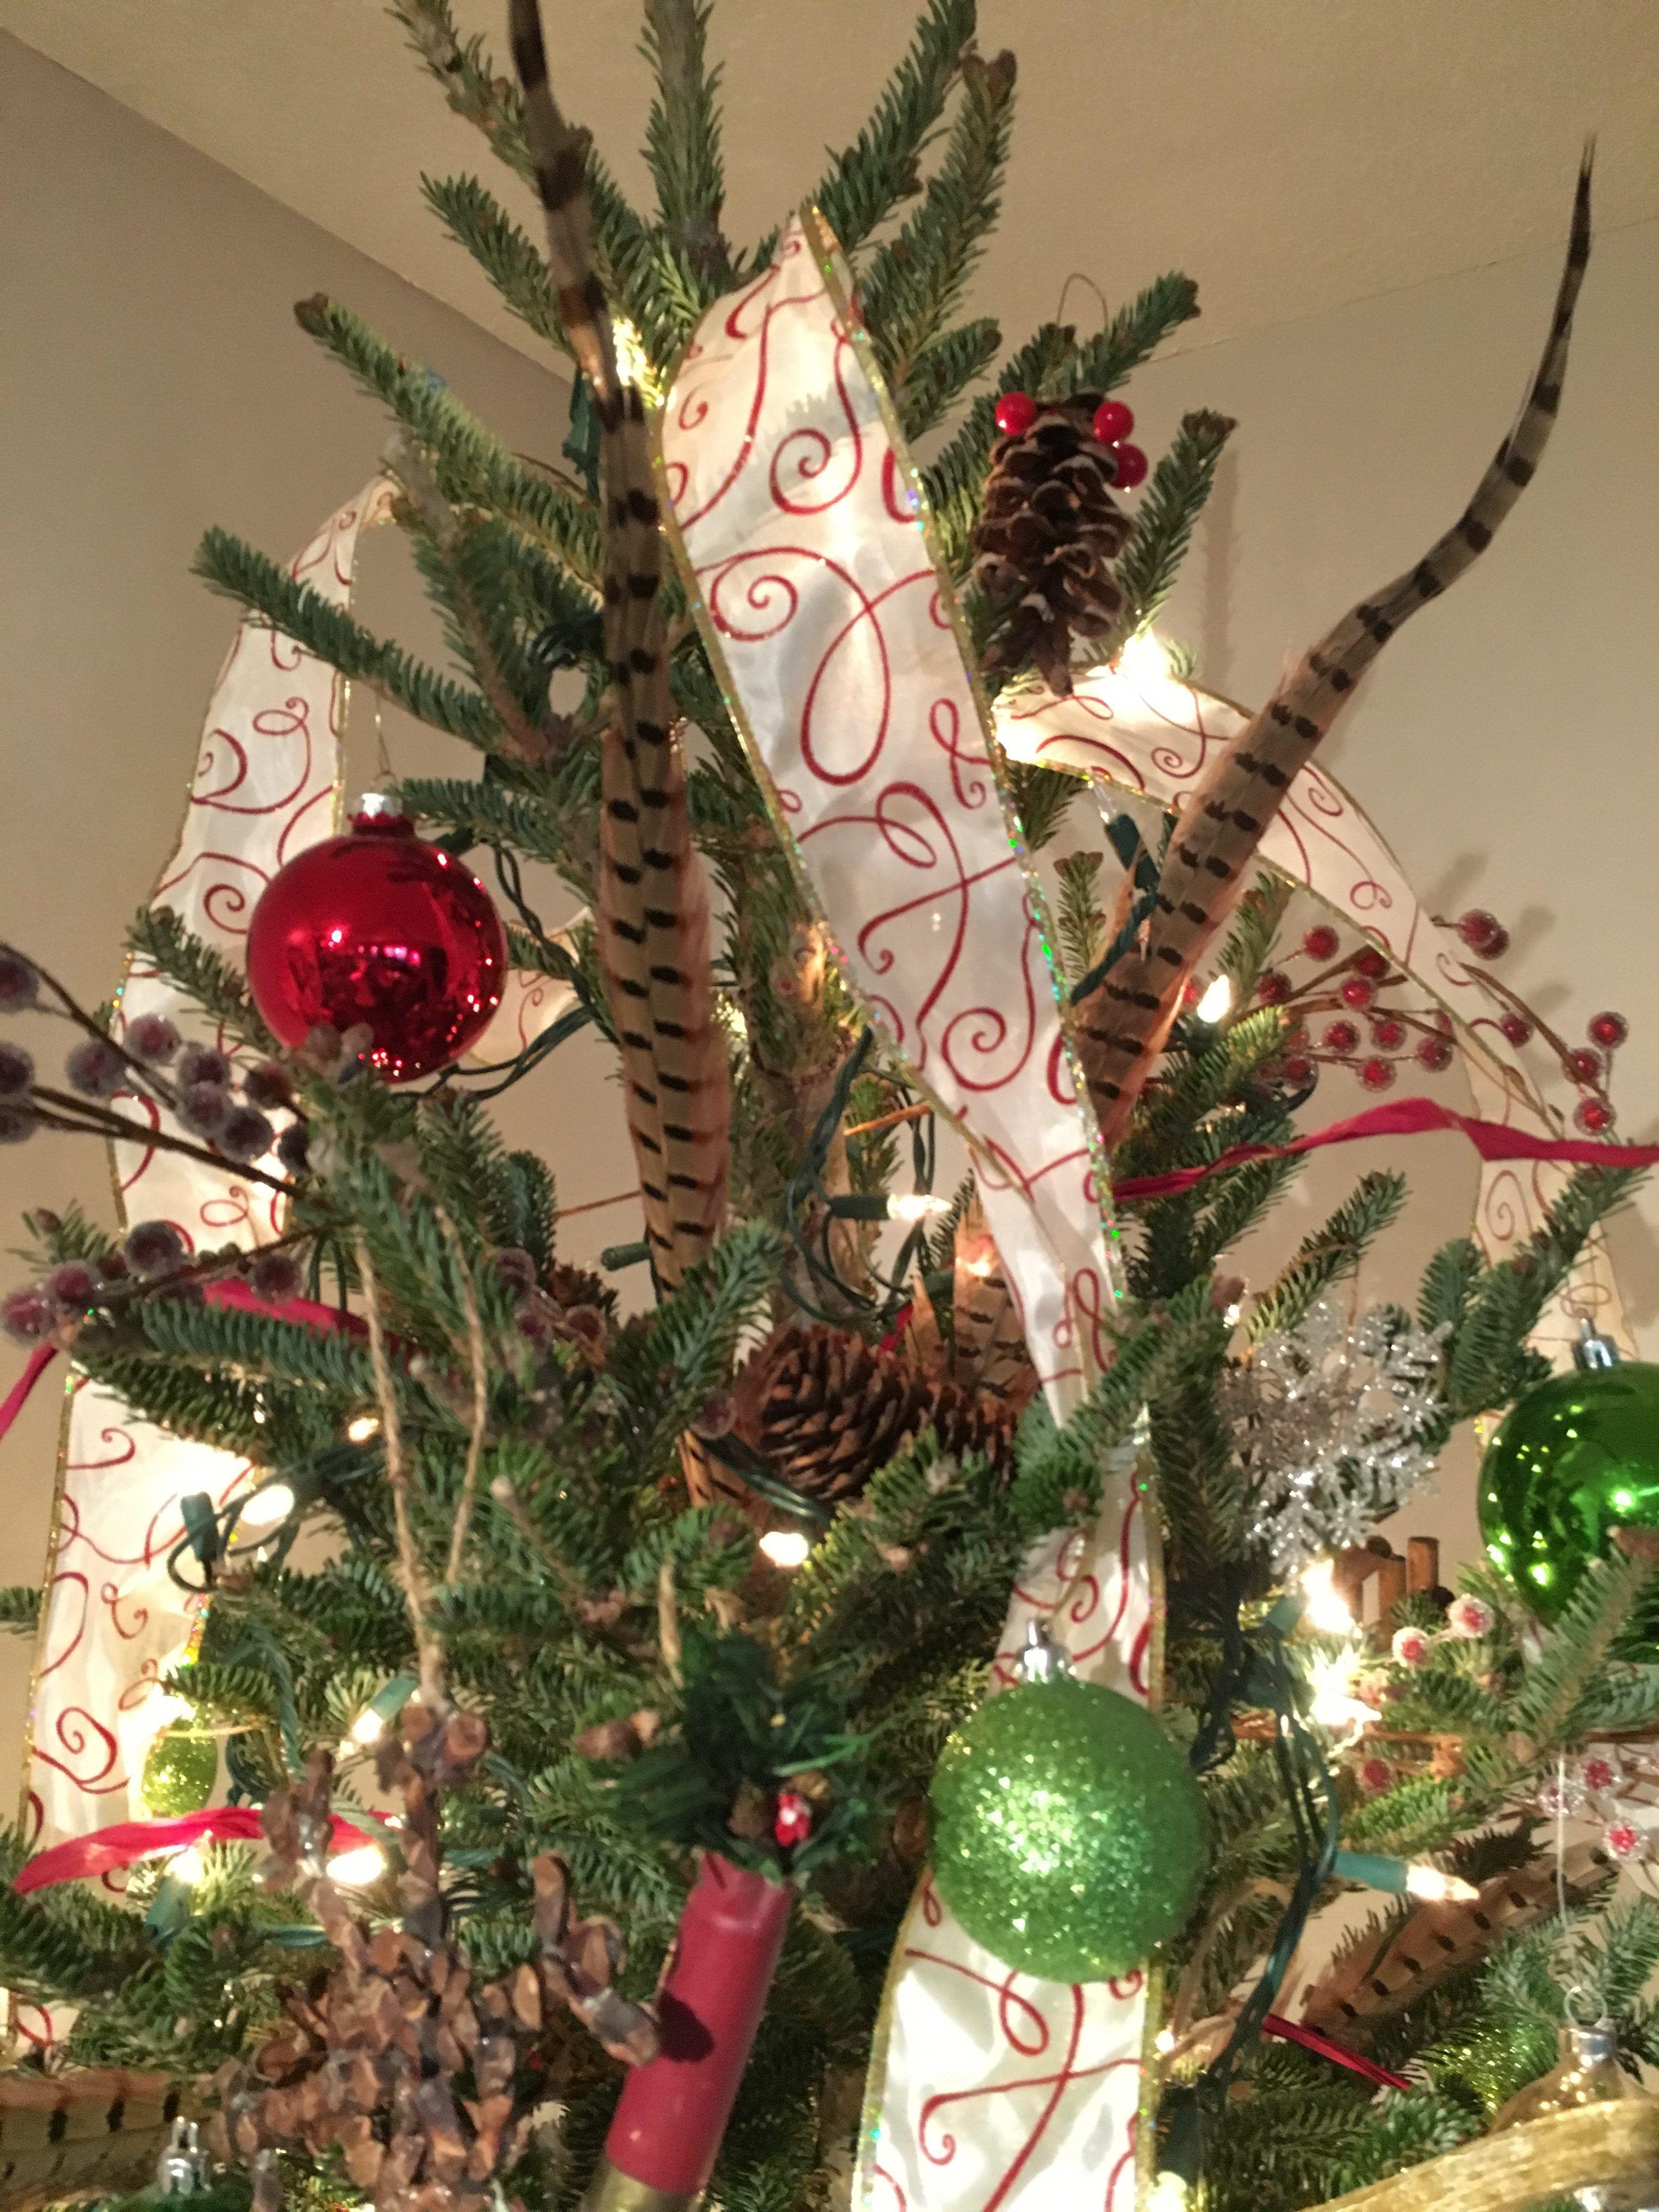 Farmhouse style Christmas decor Holidays Pinterest